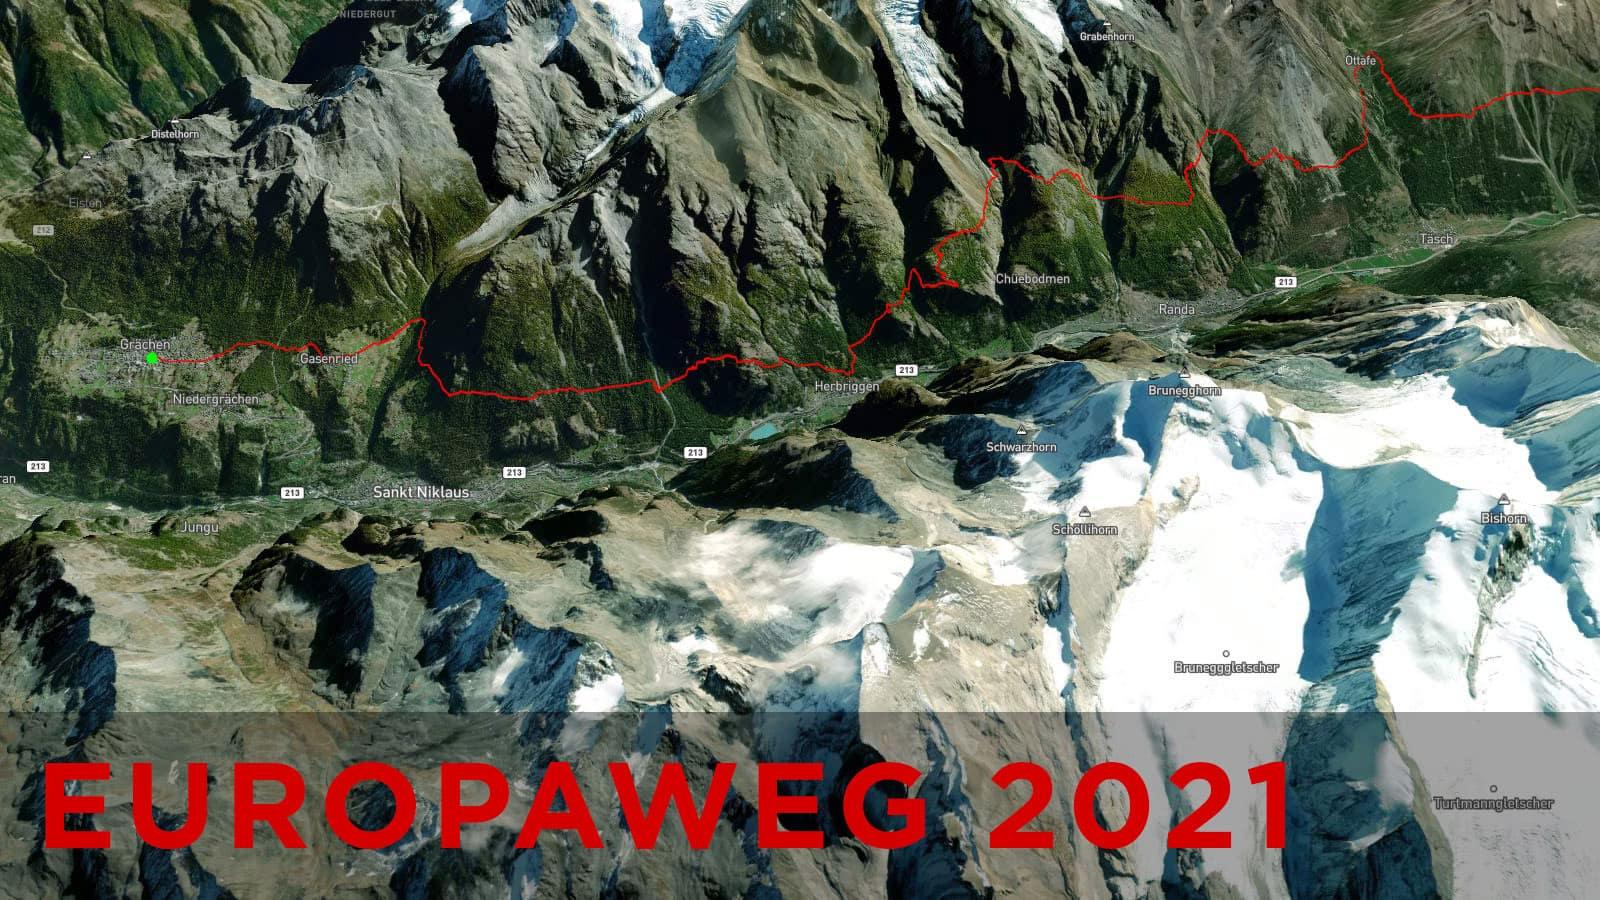 Un'immagine del nuovo percorso Europaweg da Zermatt a Grachen aperto nell'estate 2021